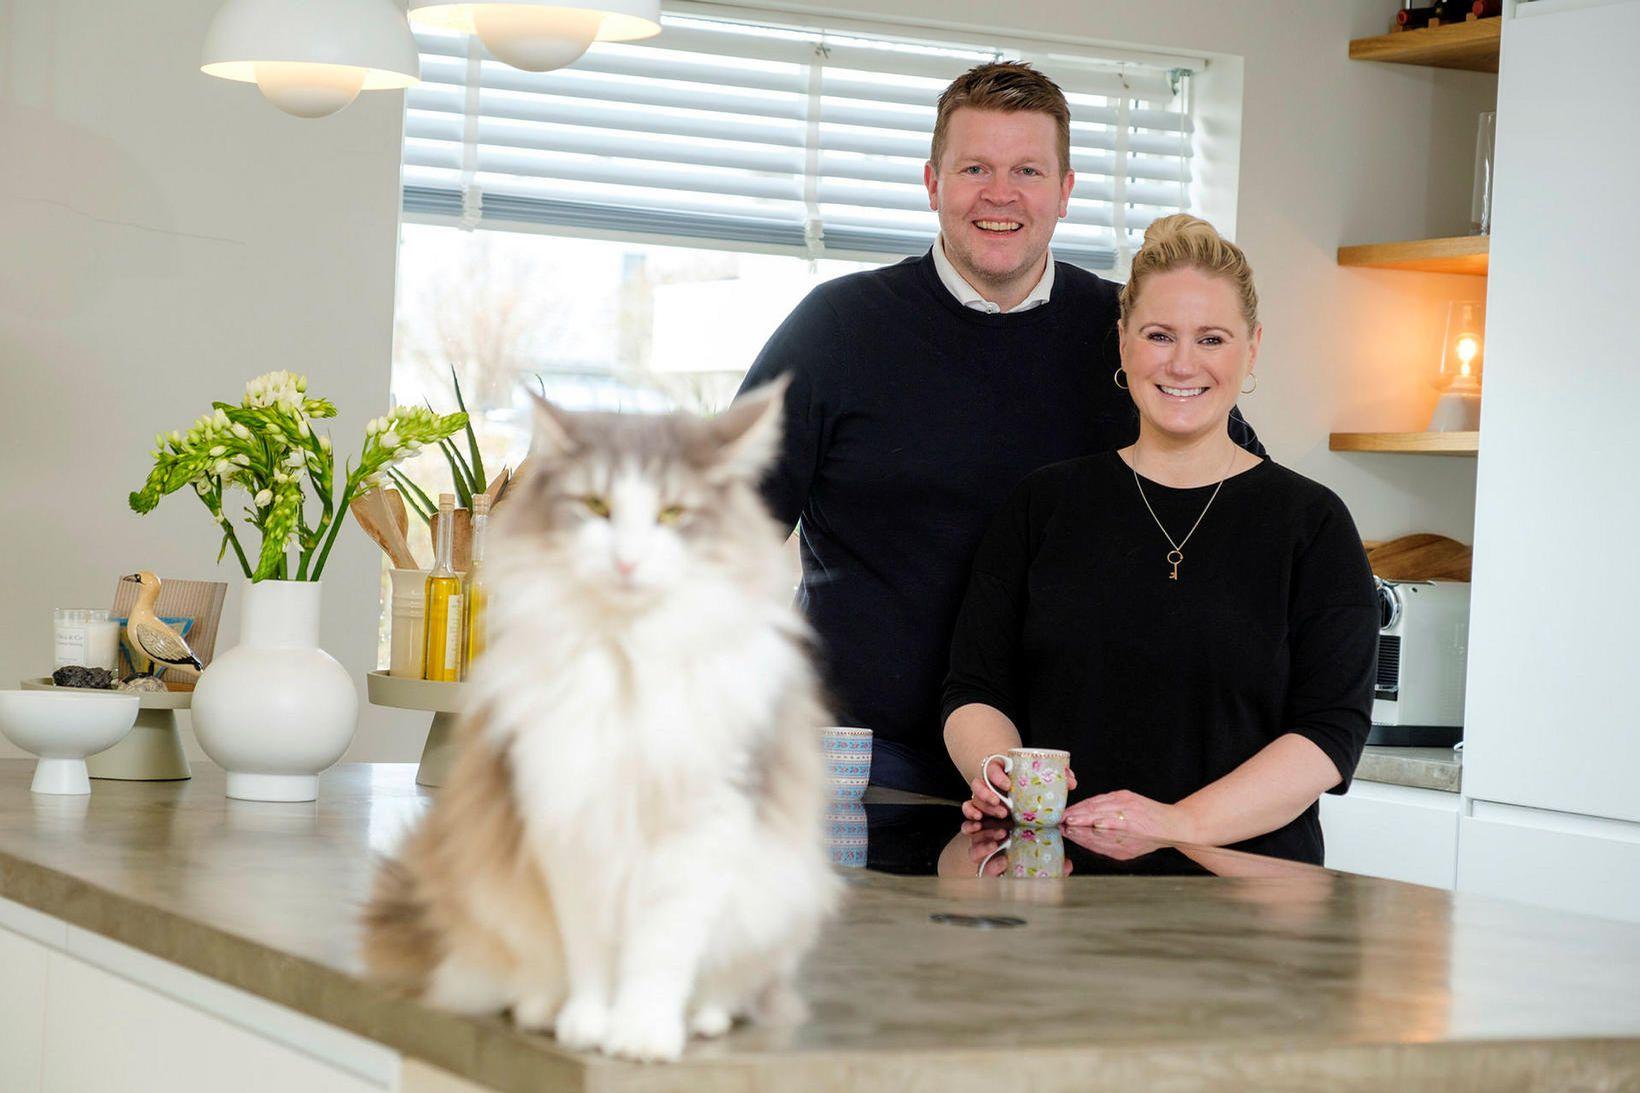 Hjónin Guðmundur Óskarsson og Kristín Þorleifsdóttir búa í fallegu húsi …